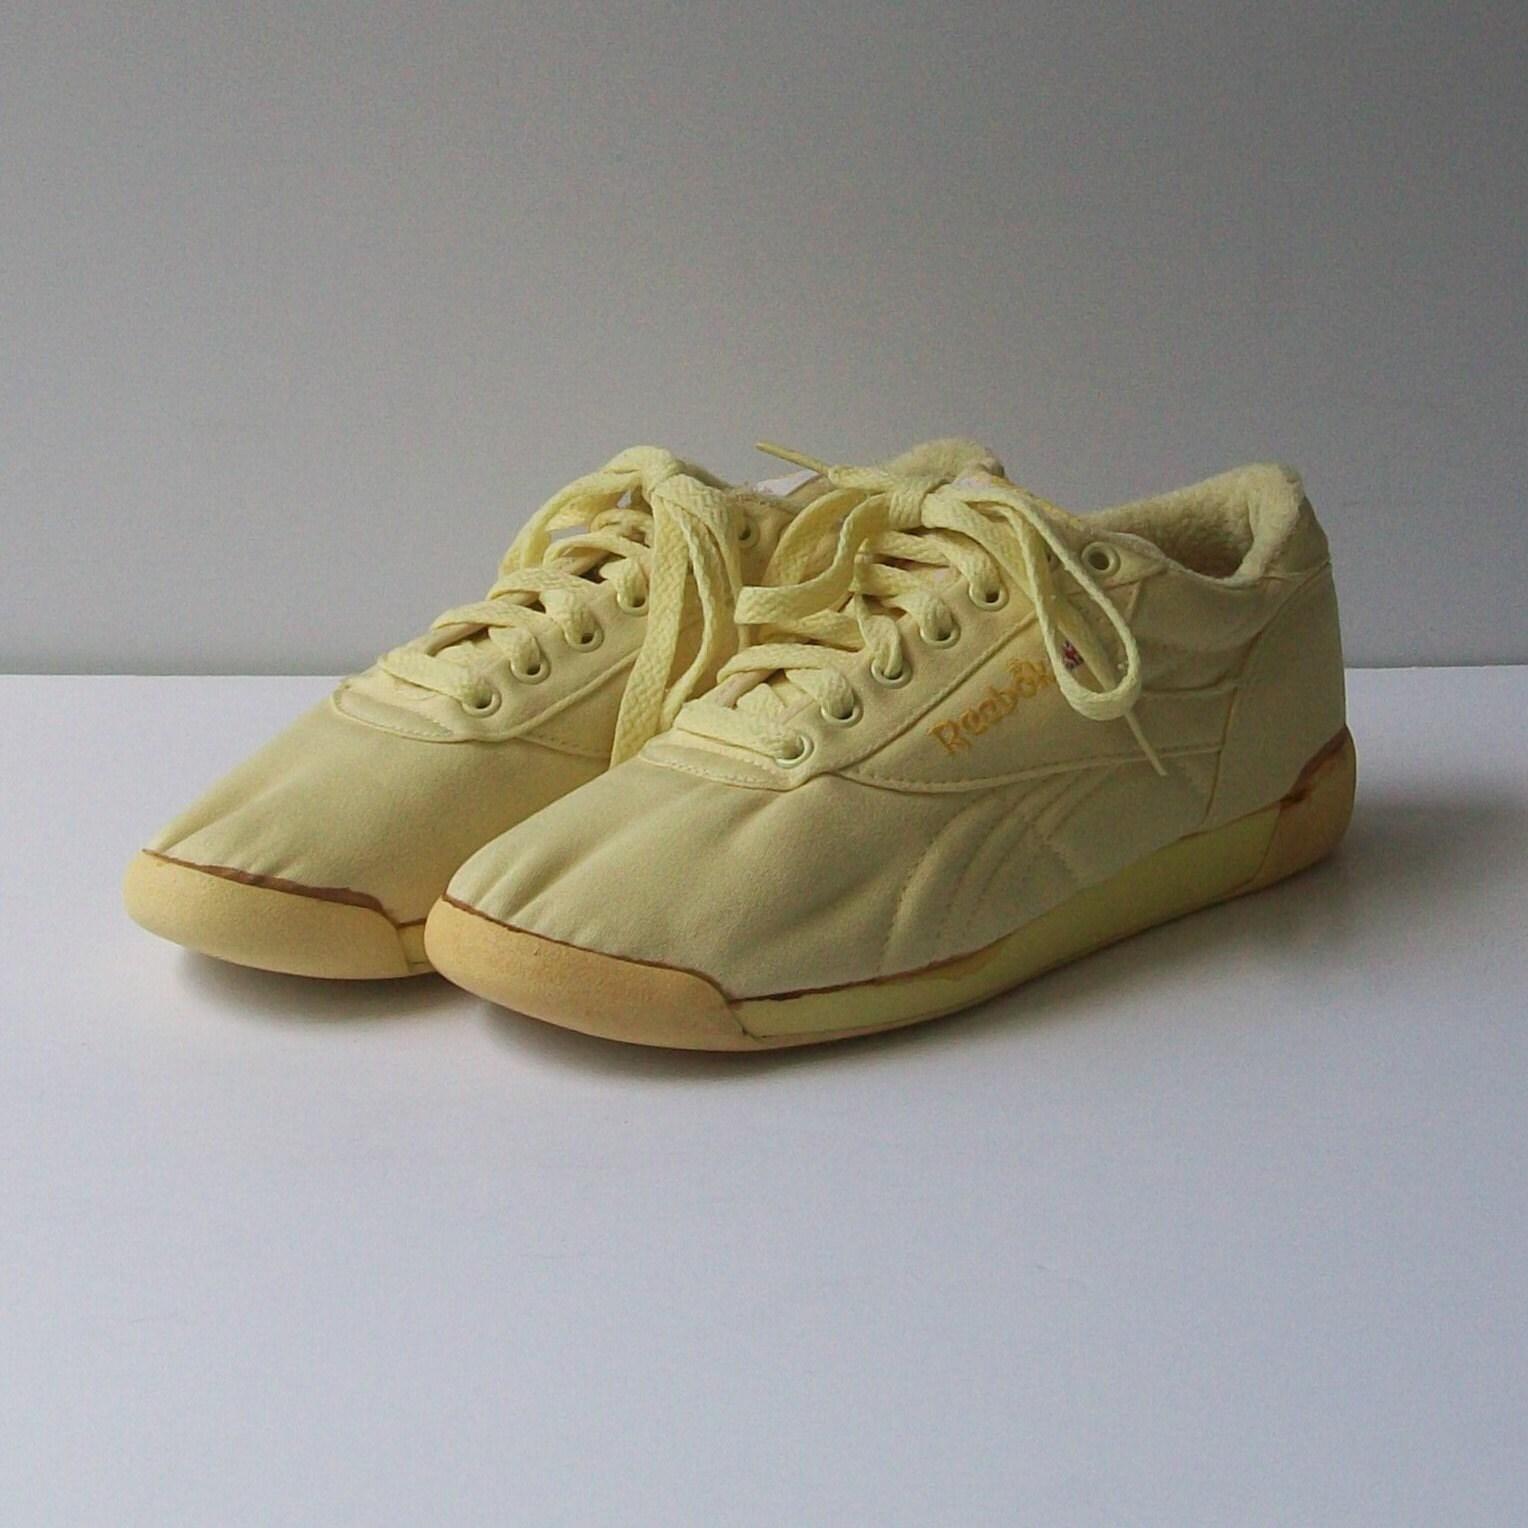 Usd Shoes Size